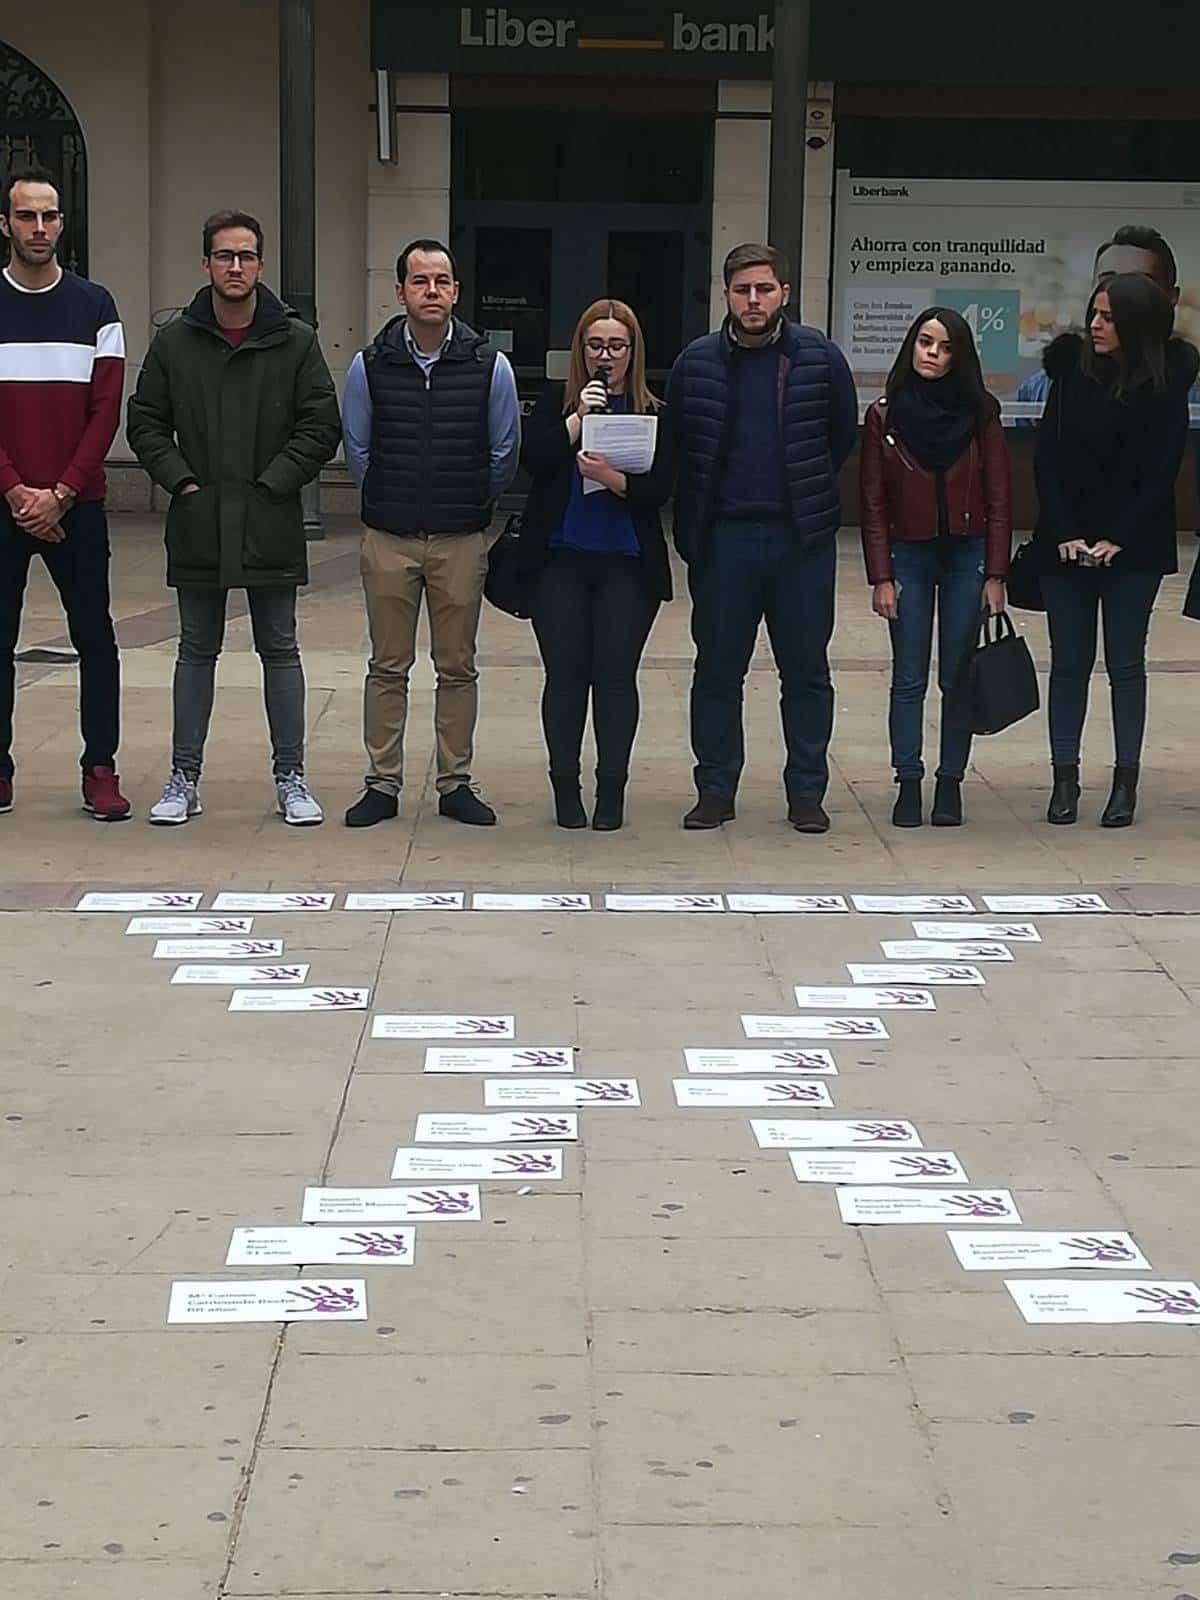 minuto silecion contra violencia genero - Minuto de silencio contra la violencia de género en Herencia